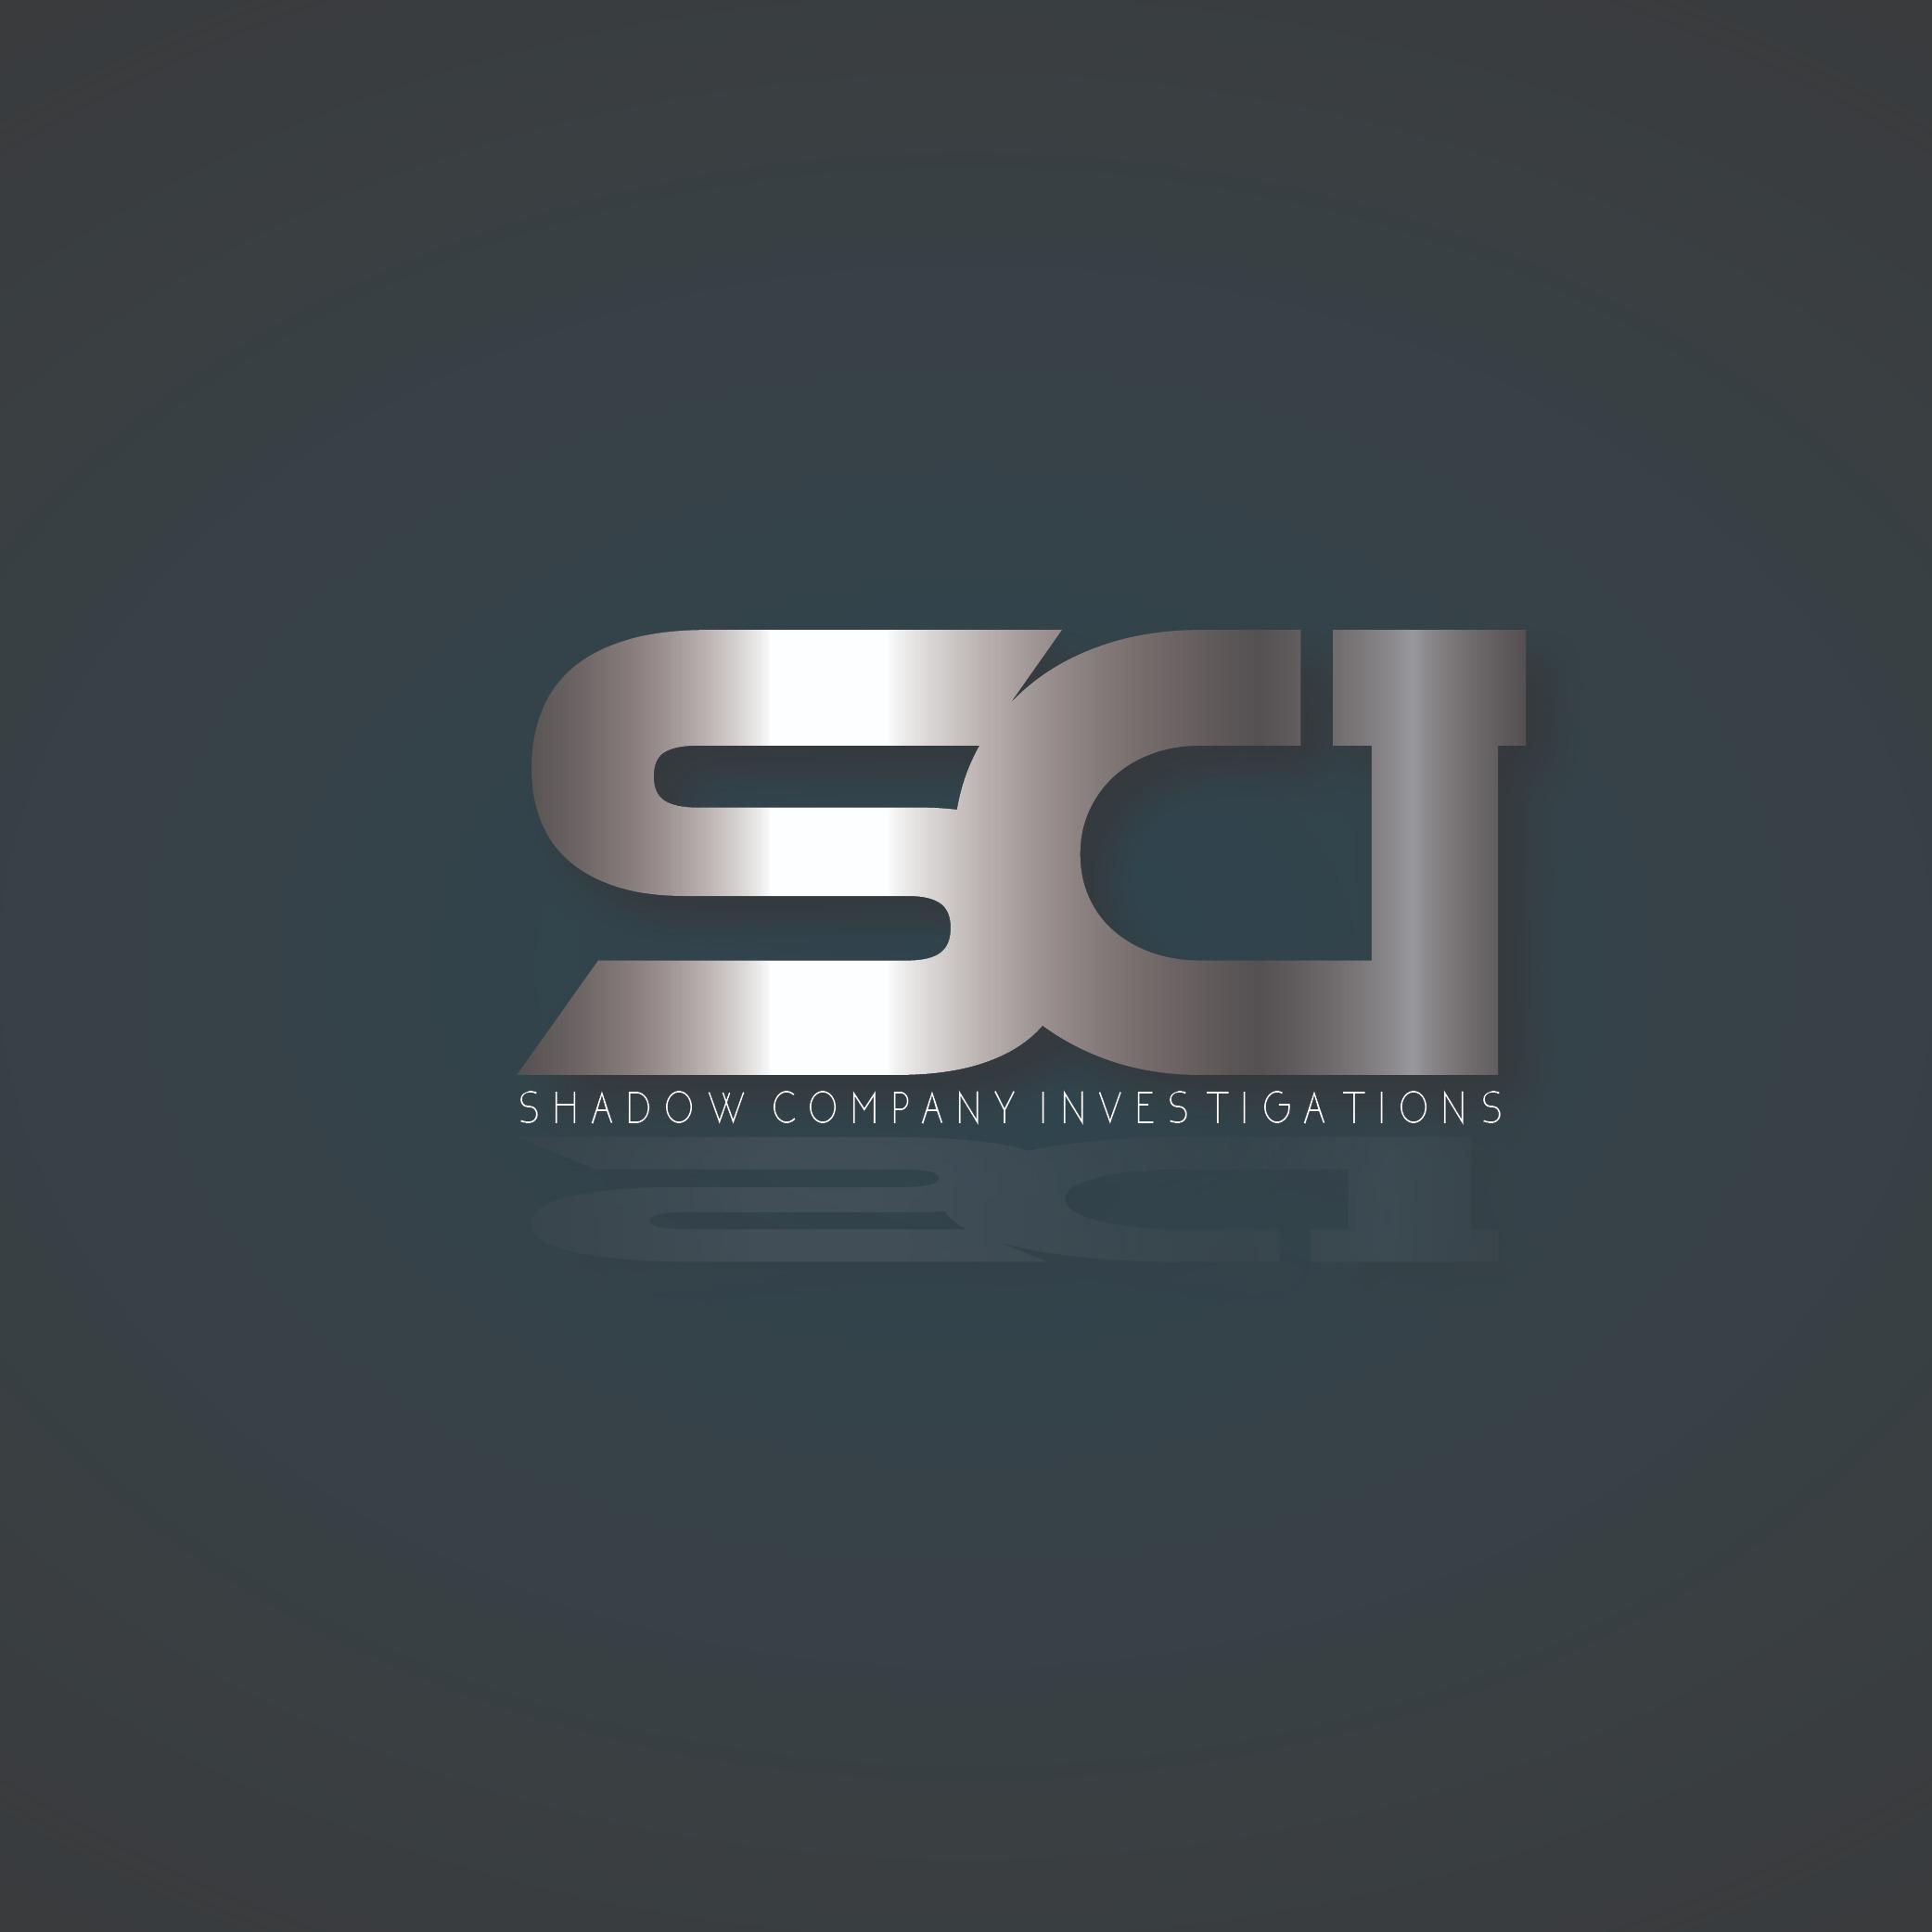 St. Louis Private Investigator Services